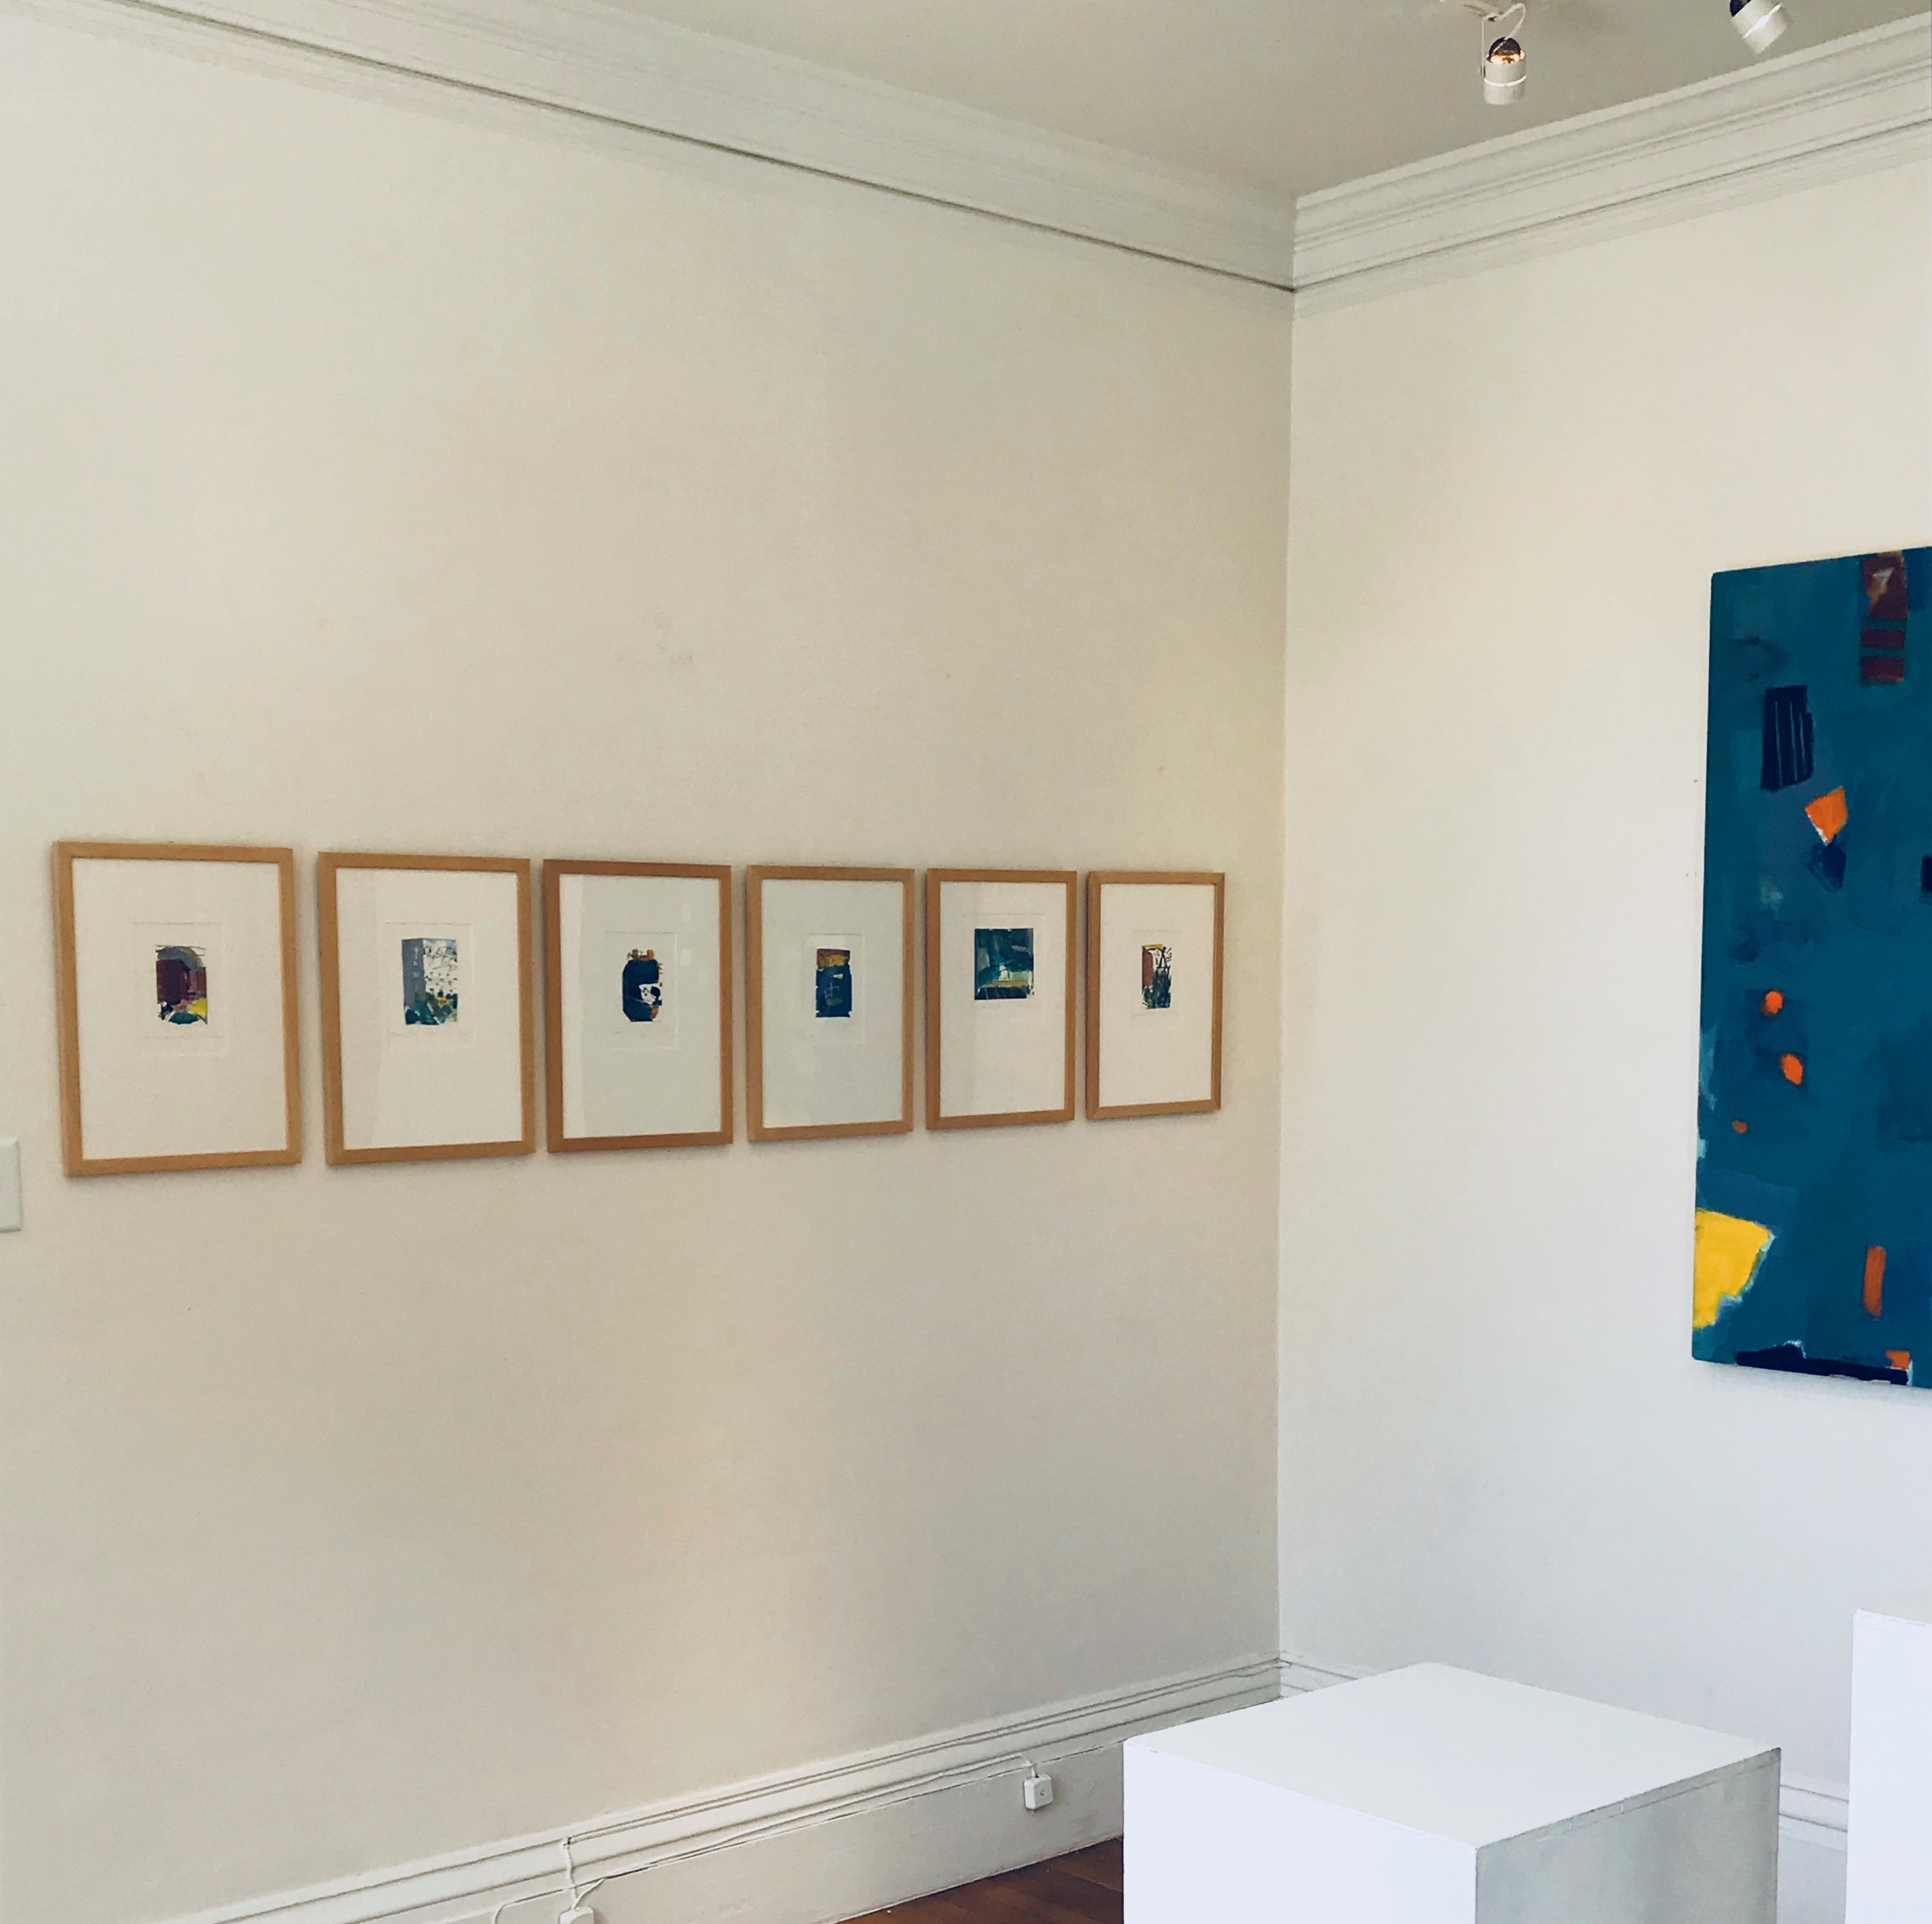 Six framed works . Untitled (Blue) on adjacent wall